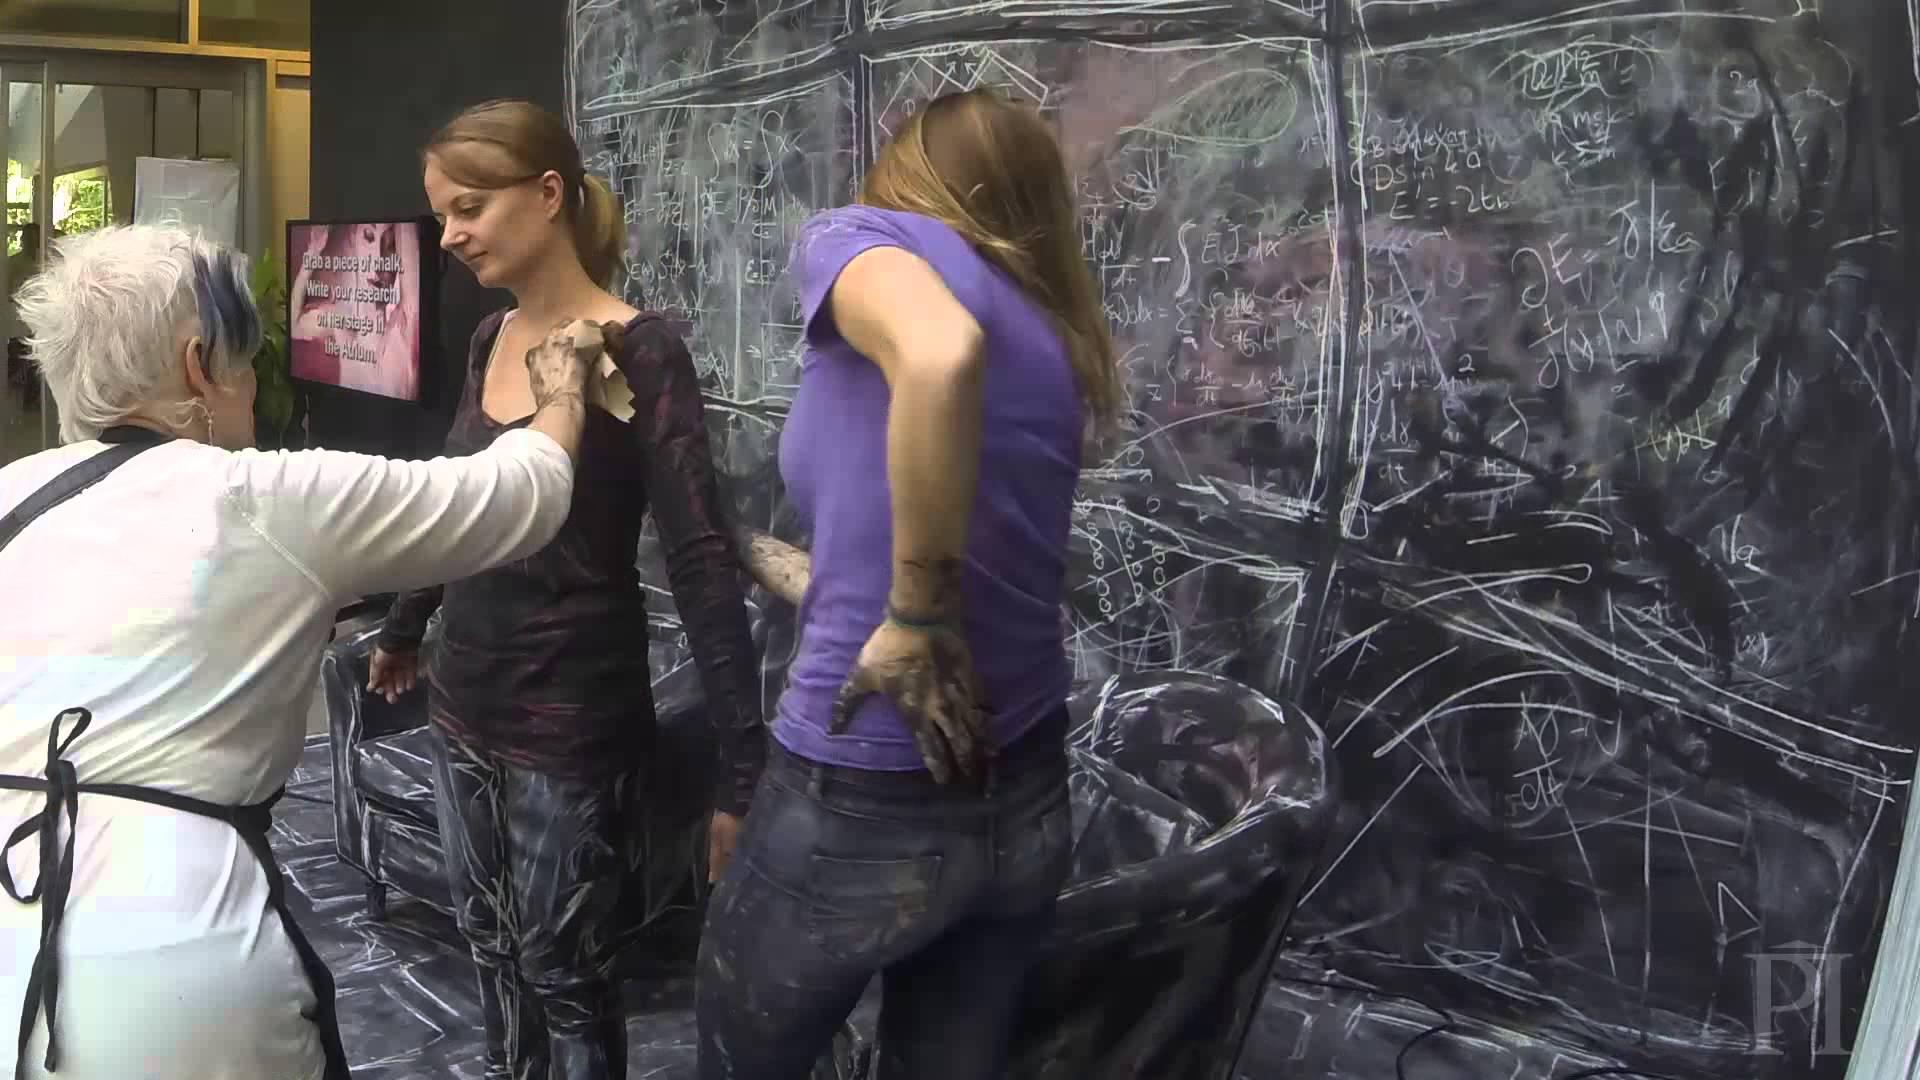 黒板とチョークの人間を組み合わせたアート